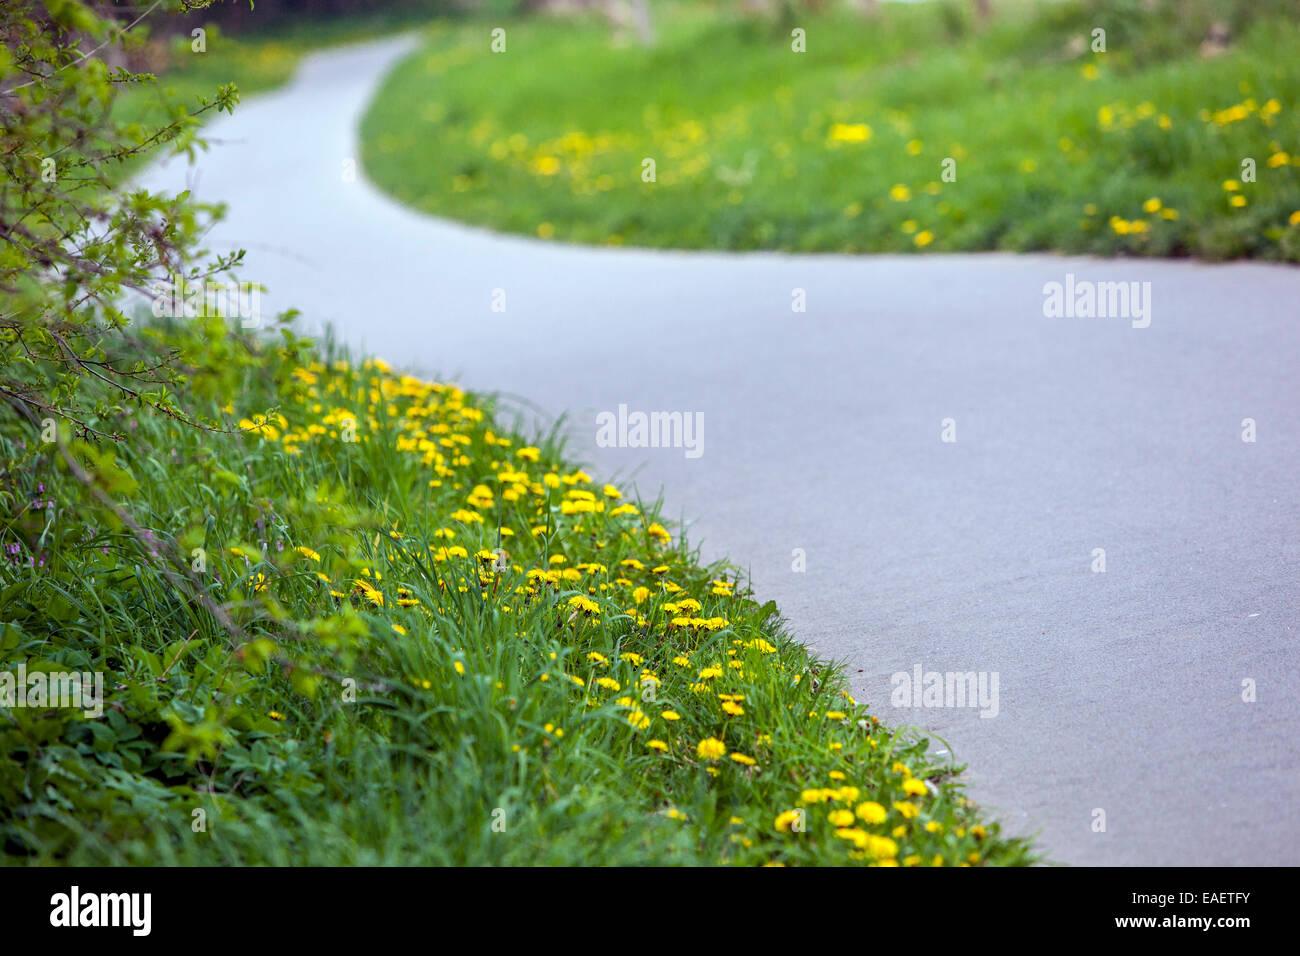 La route asphaltée paysage rural Photo Stock